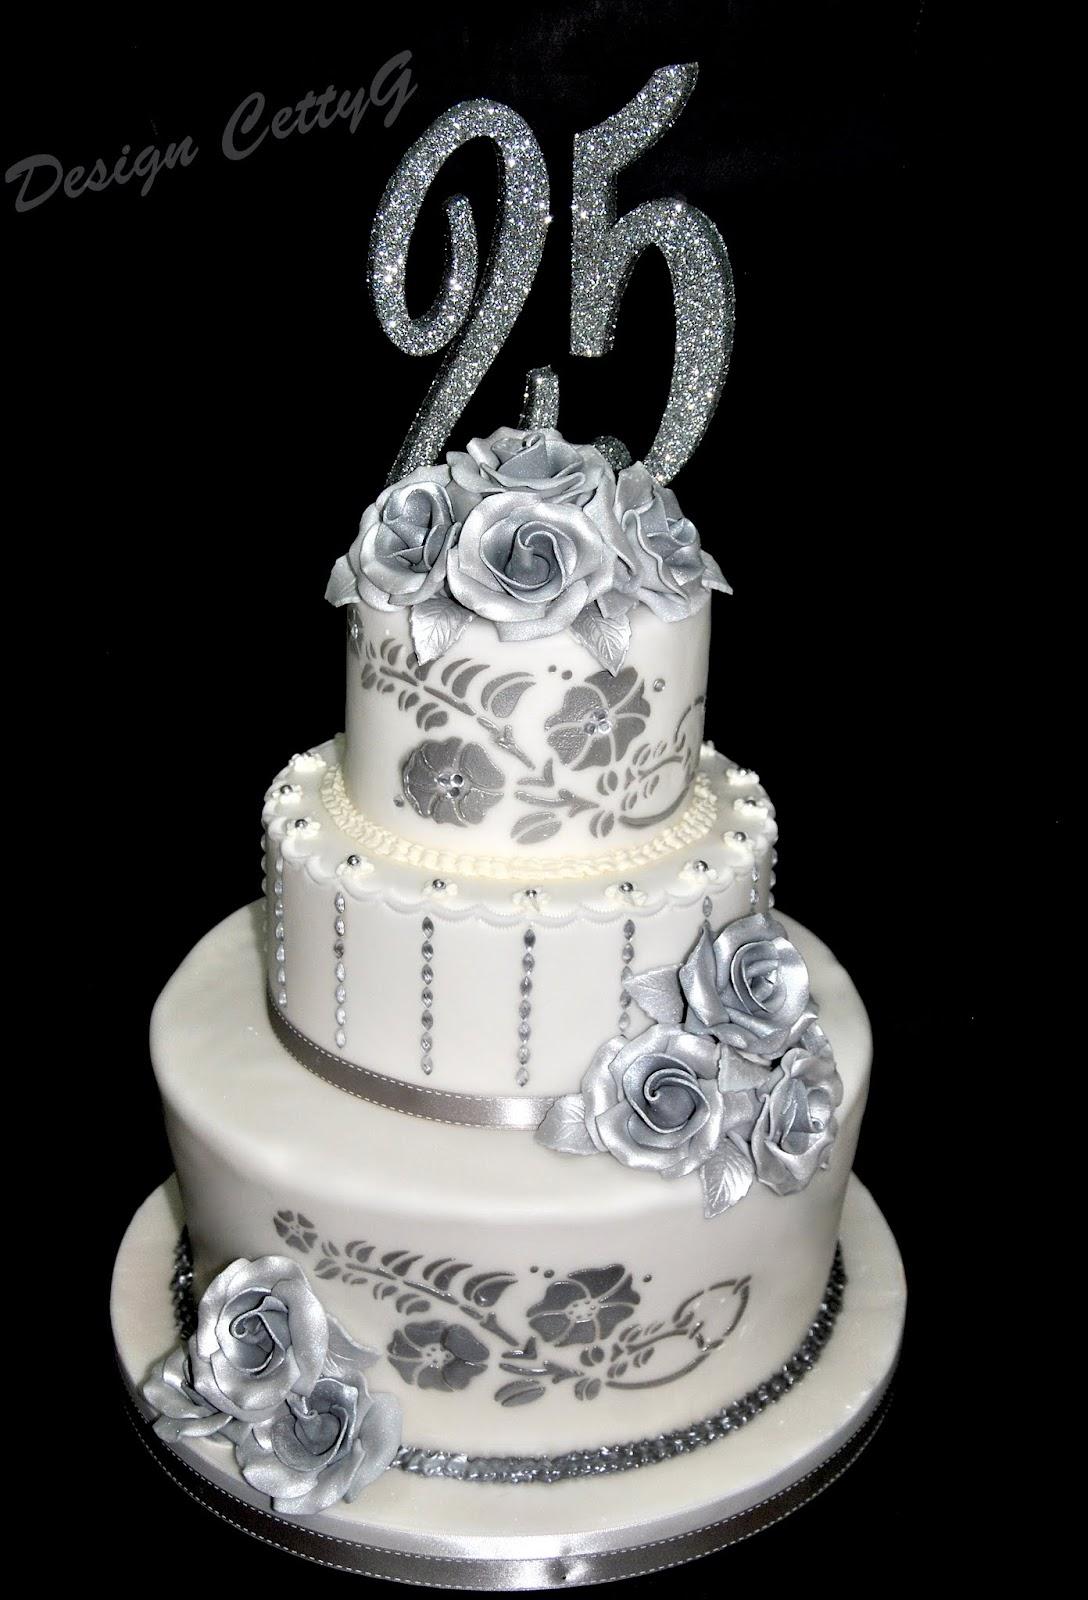 Le torte decorate di cetty g 25 anniversario di for Video anniversario 25 anni di matrimonio